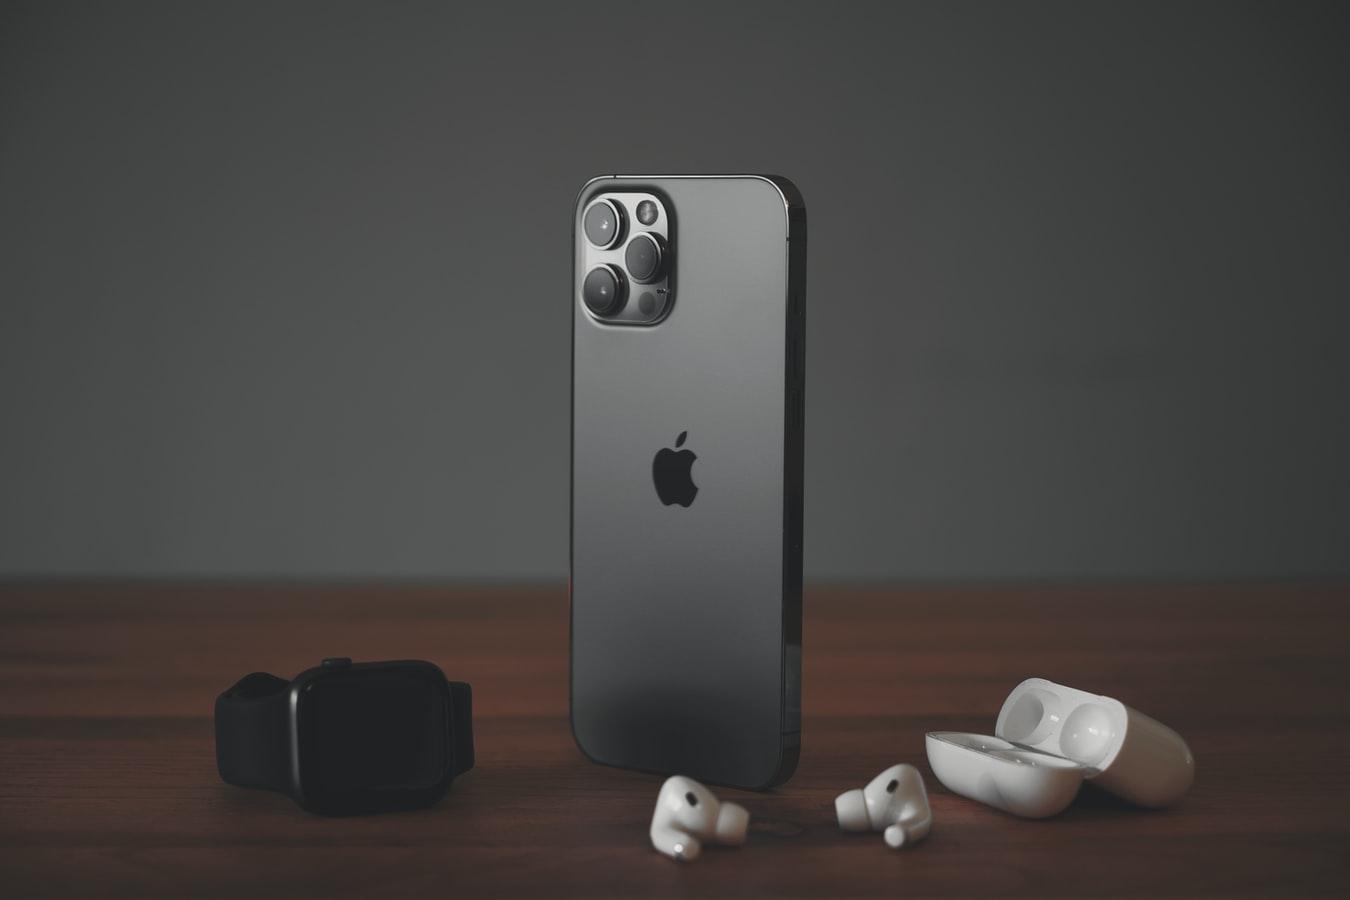 Линейка iPhone 12 стала самой продаваемой в минувшем квартале — она забрала треть всей выручки